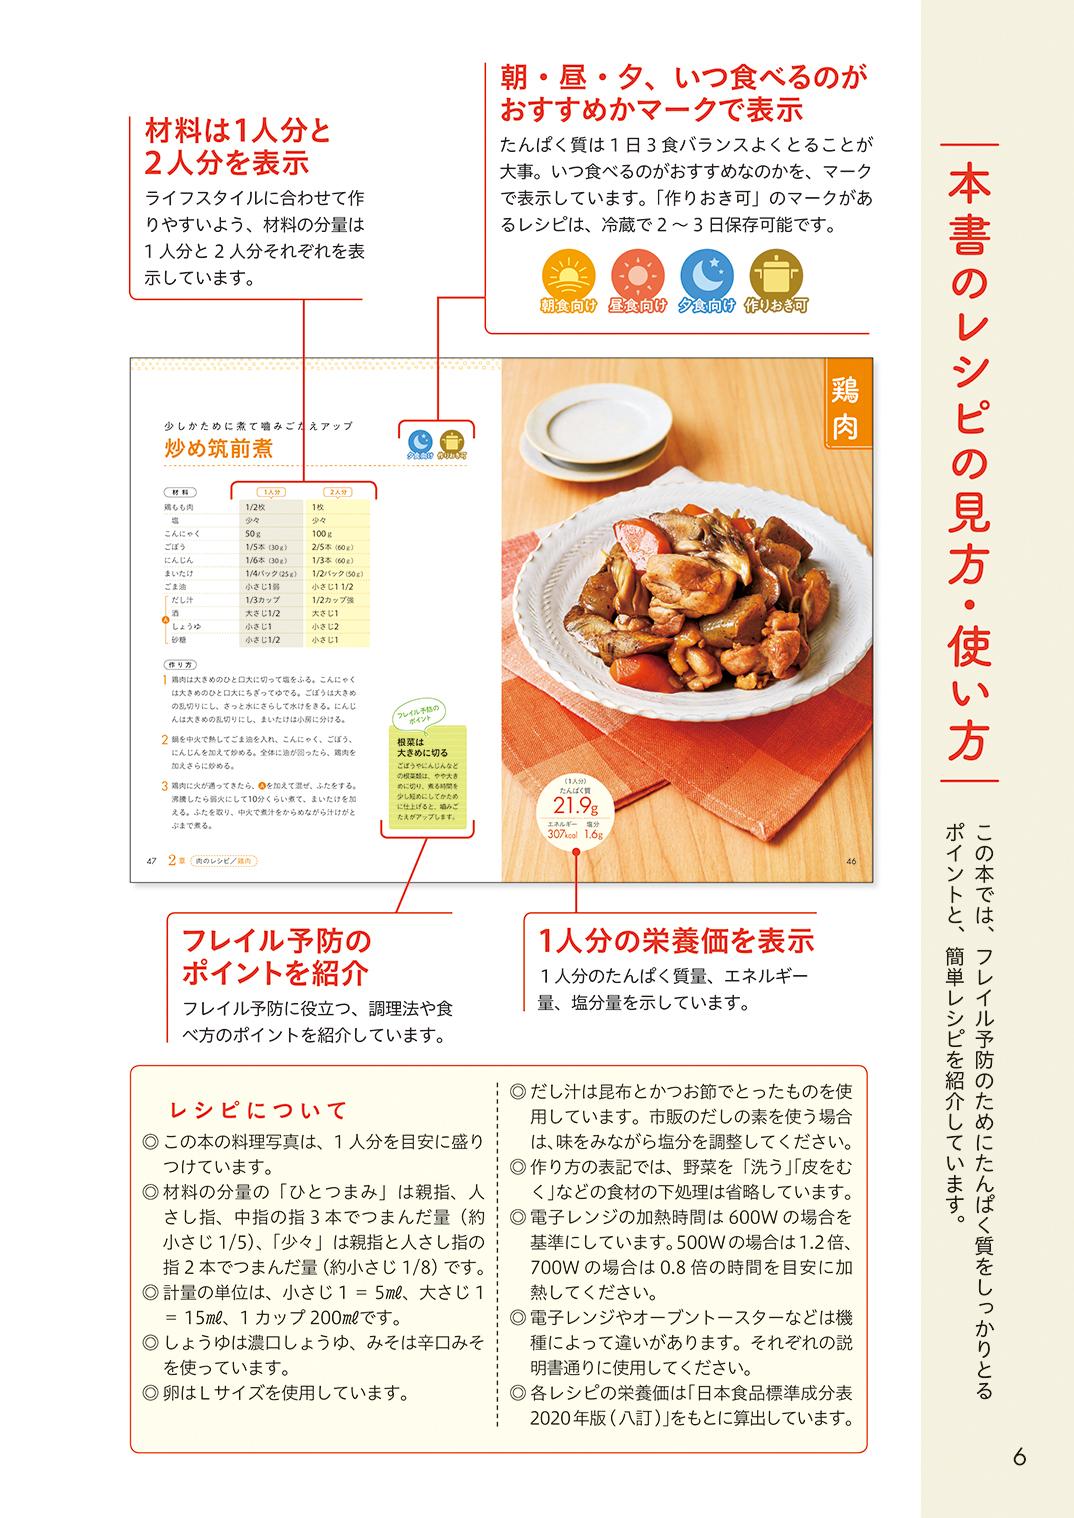 「レシピの見方・使い方」紙面